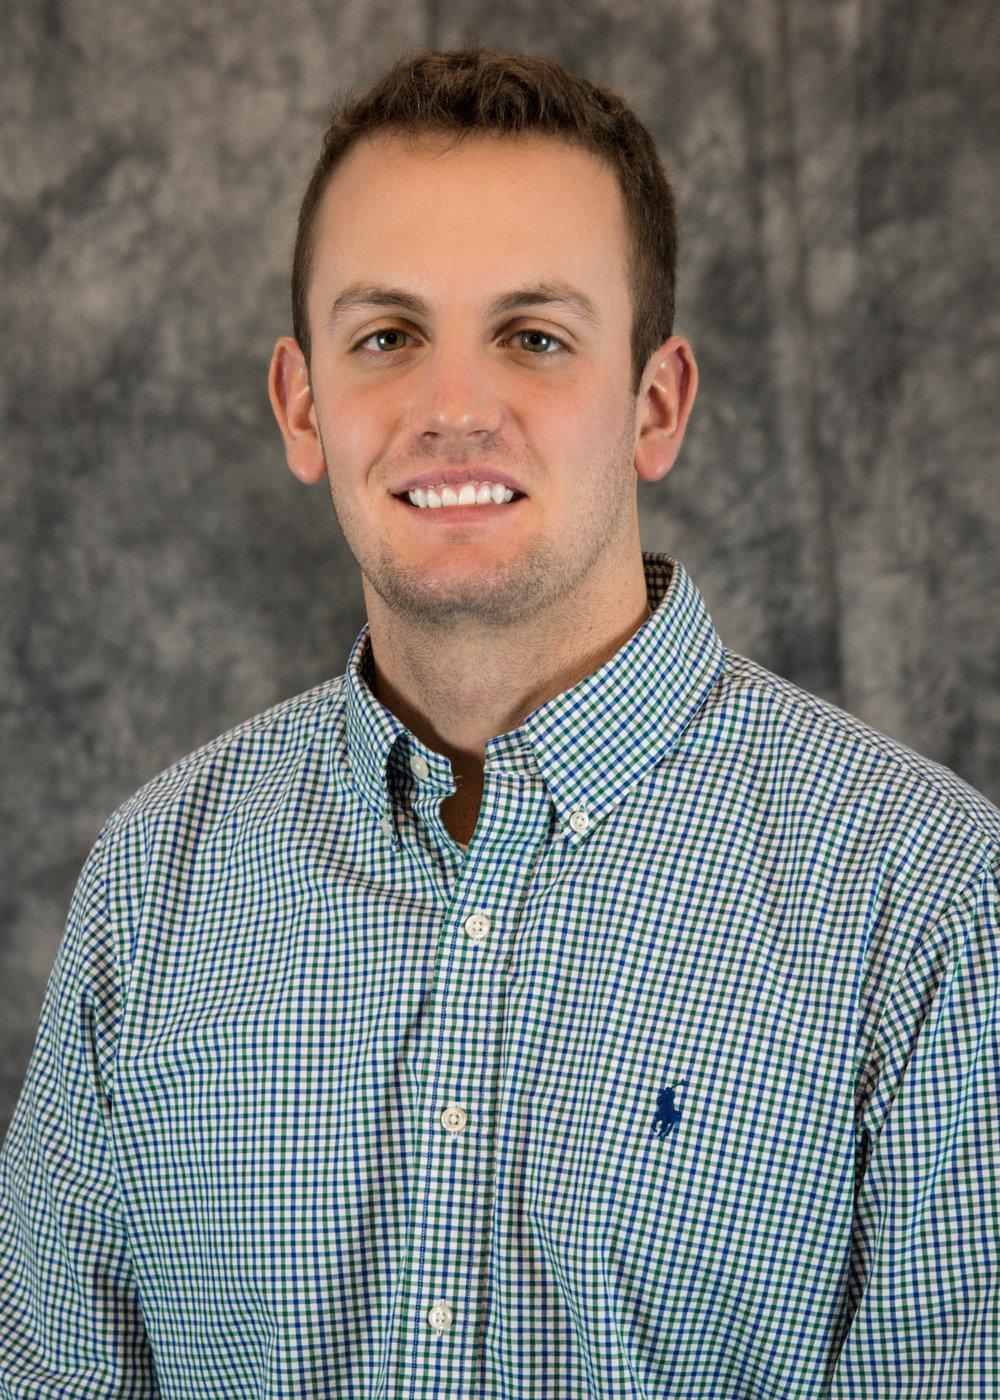 Joshua R. Thomas - Engineer I